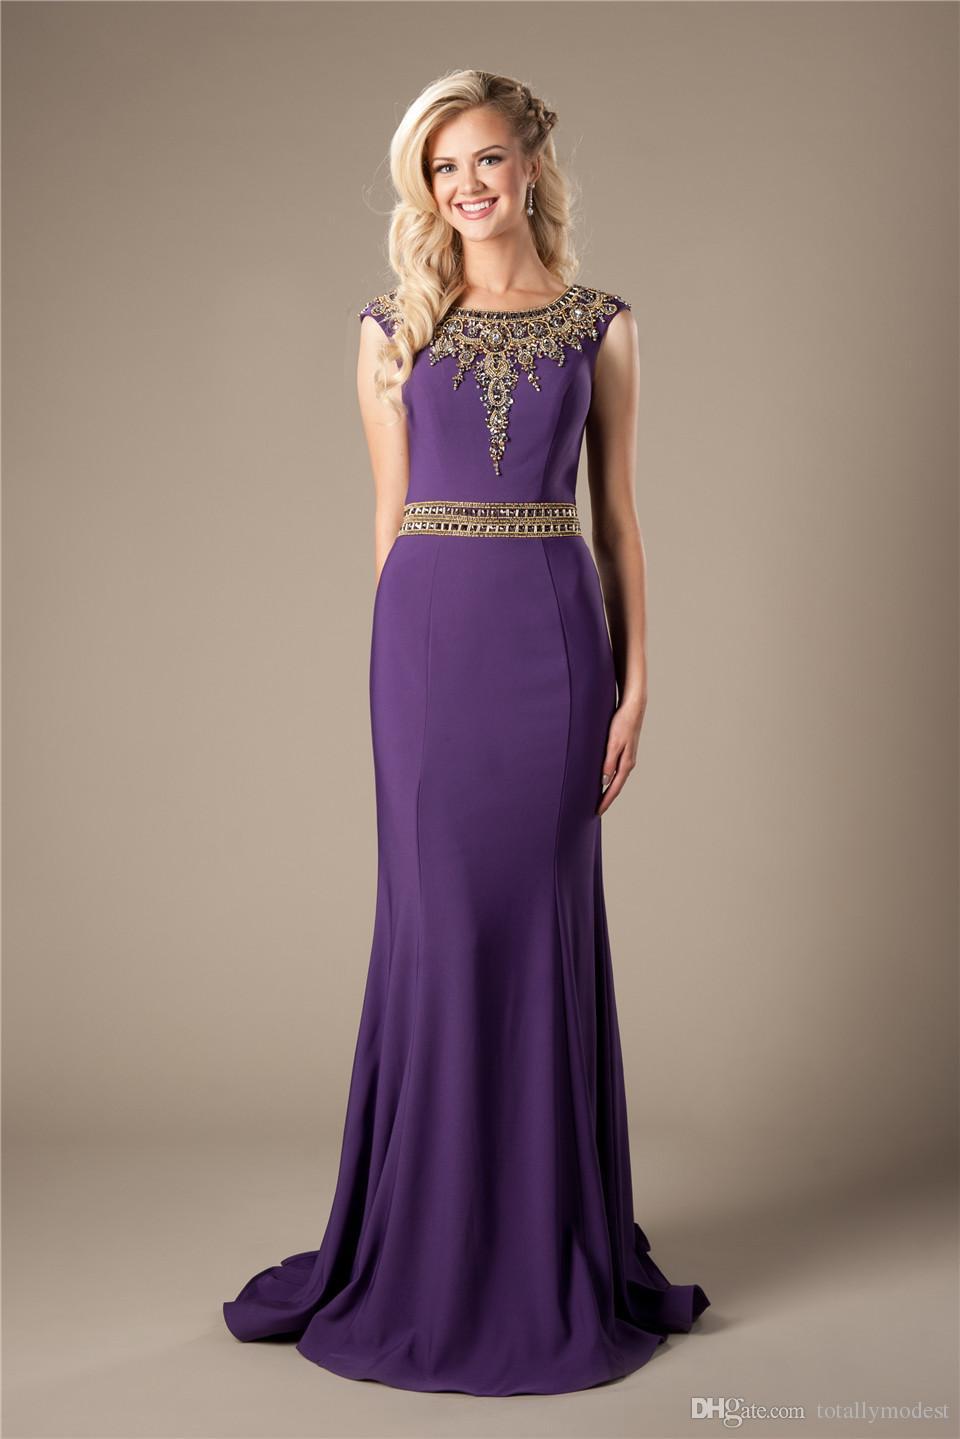 Designer Luxus Lila Abend Kleider VertriebAbend Luxurius Lila Abend Kleider Boutique